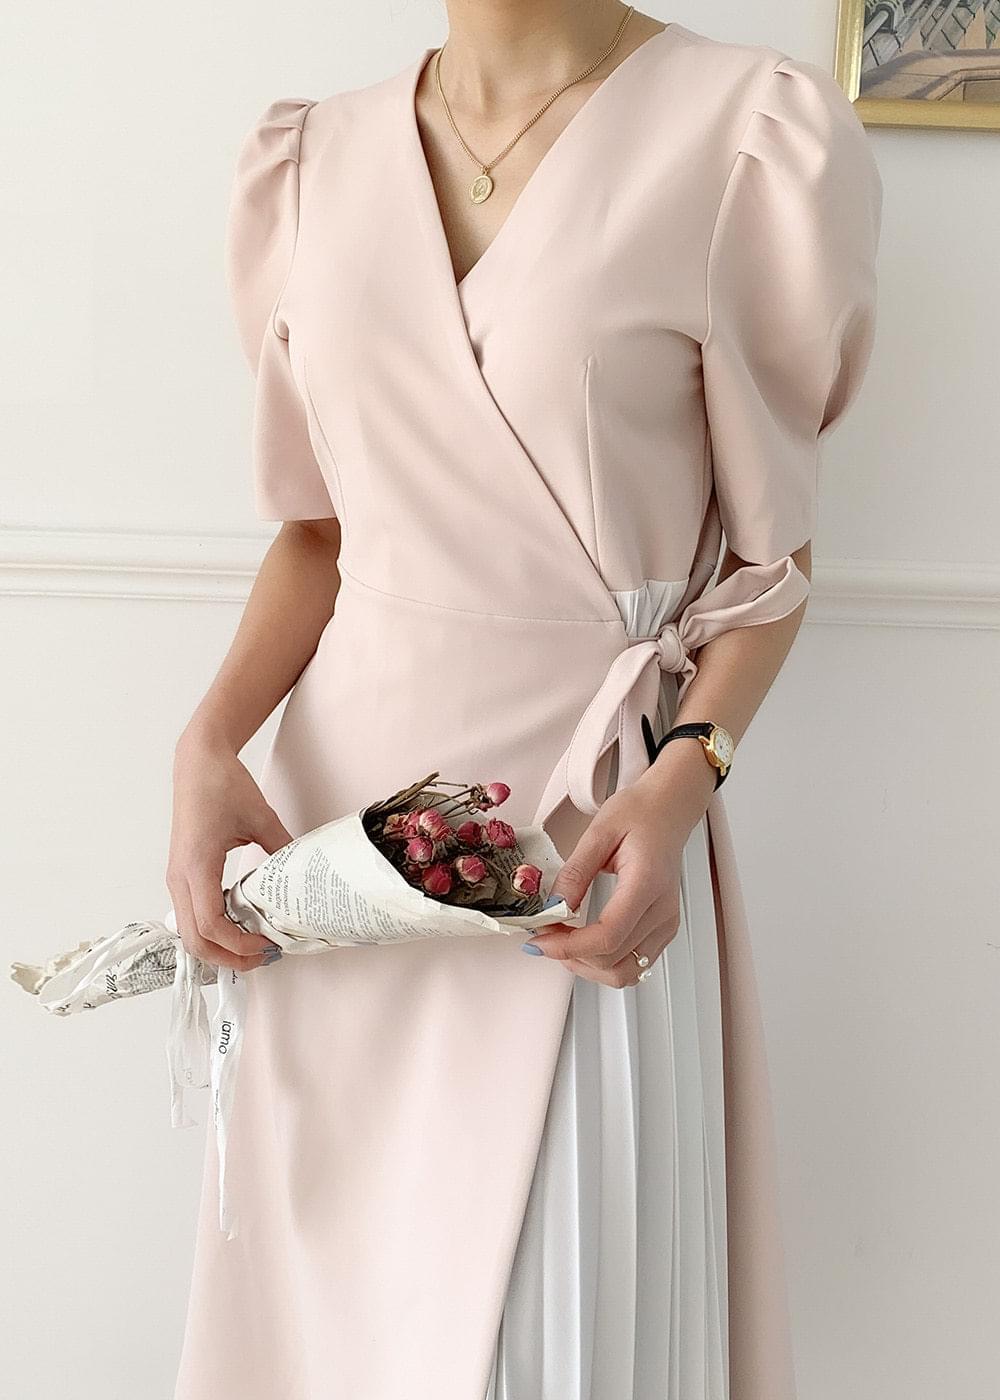 Wrap wrinkle fine beauty short sleeve dress